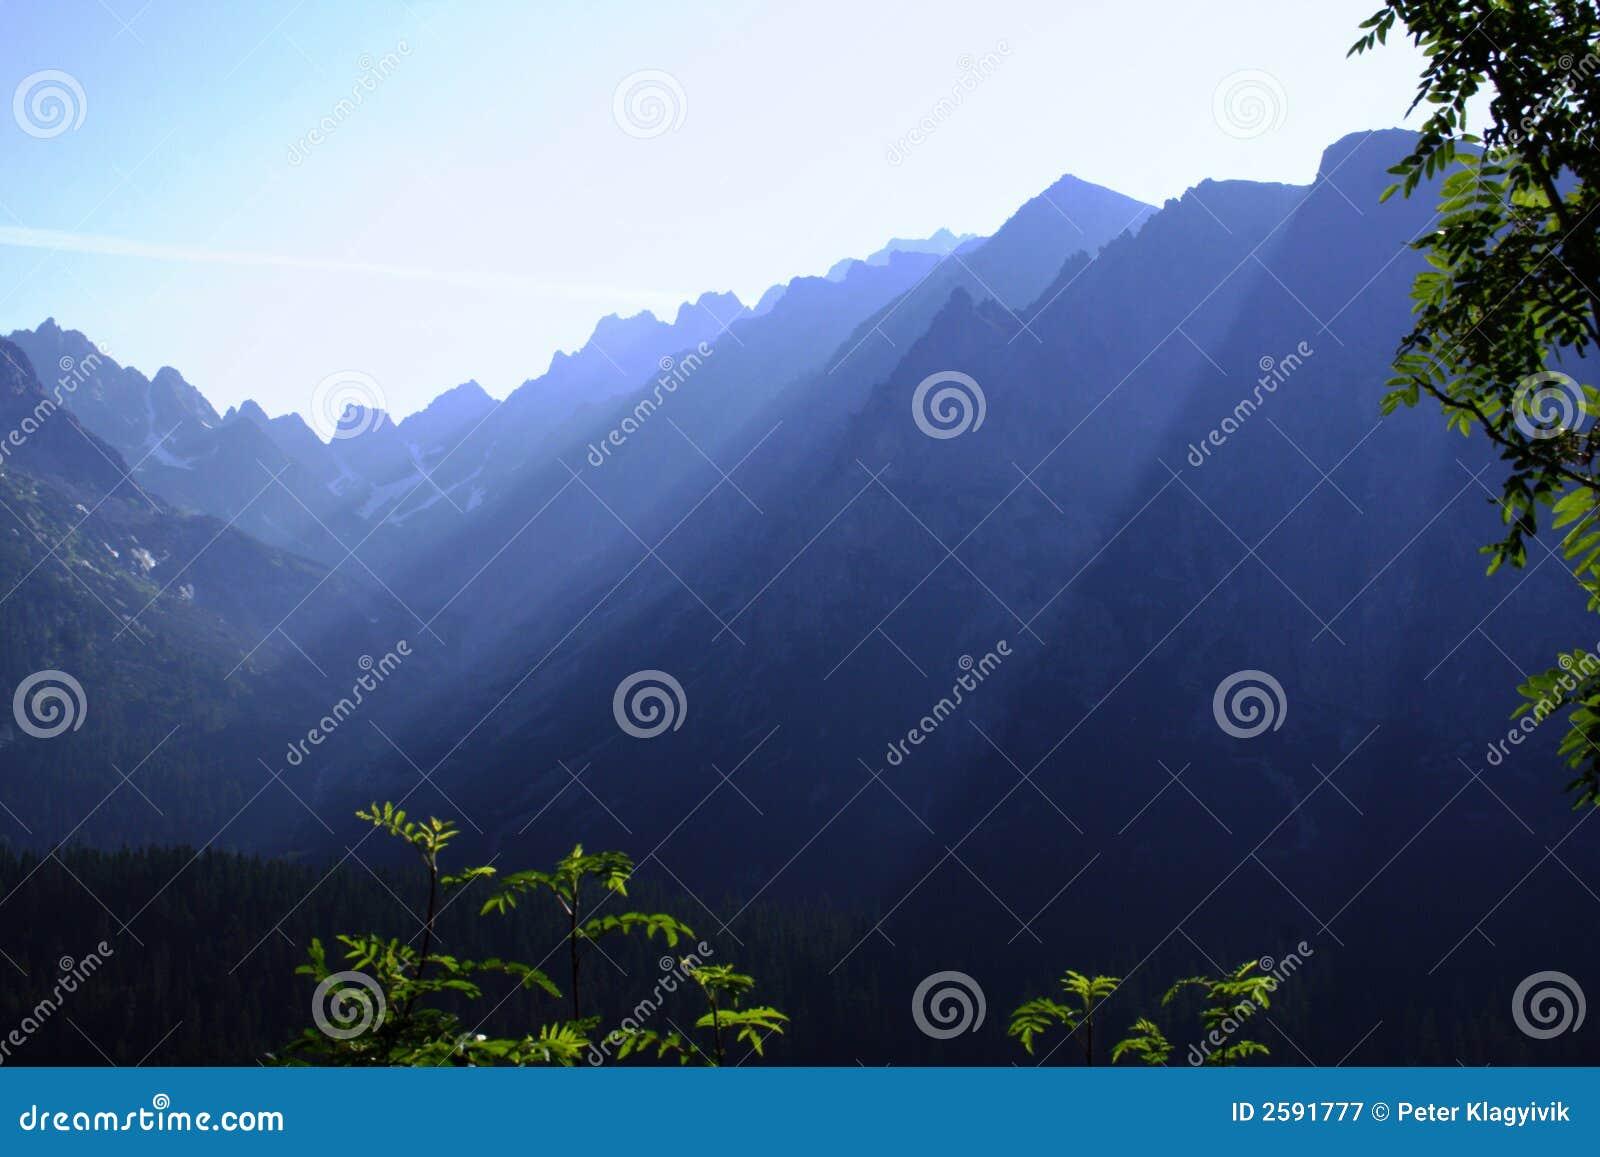 Wazige ochtend in hoge tatras